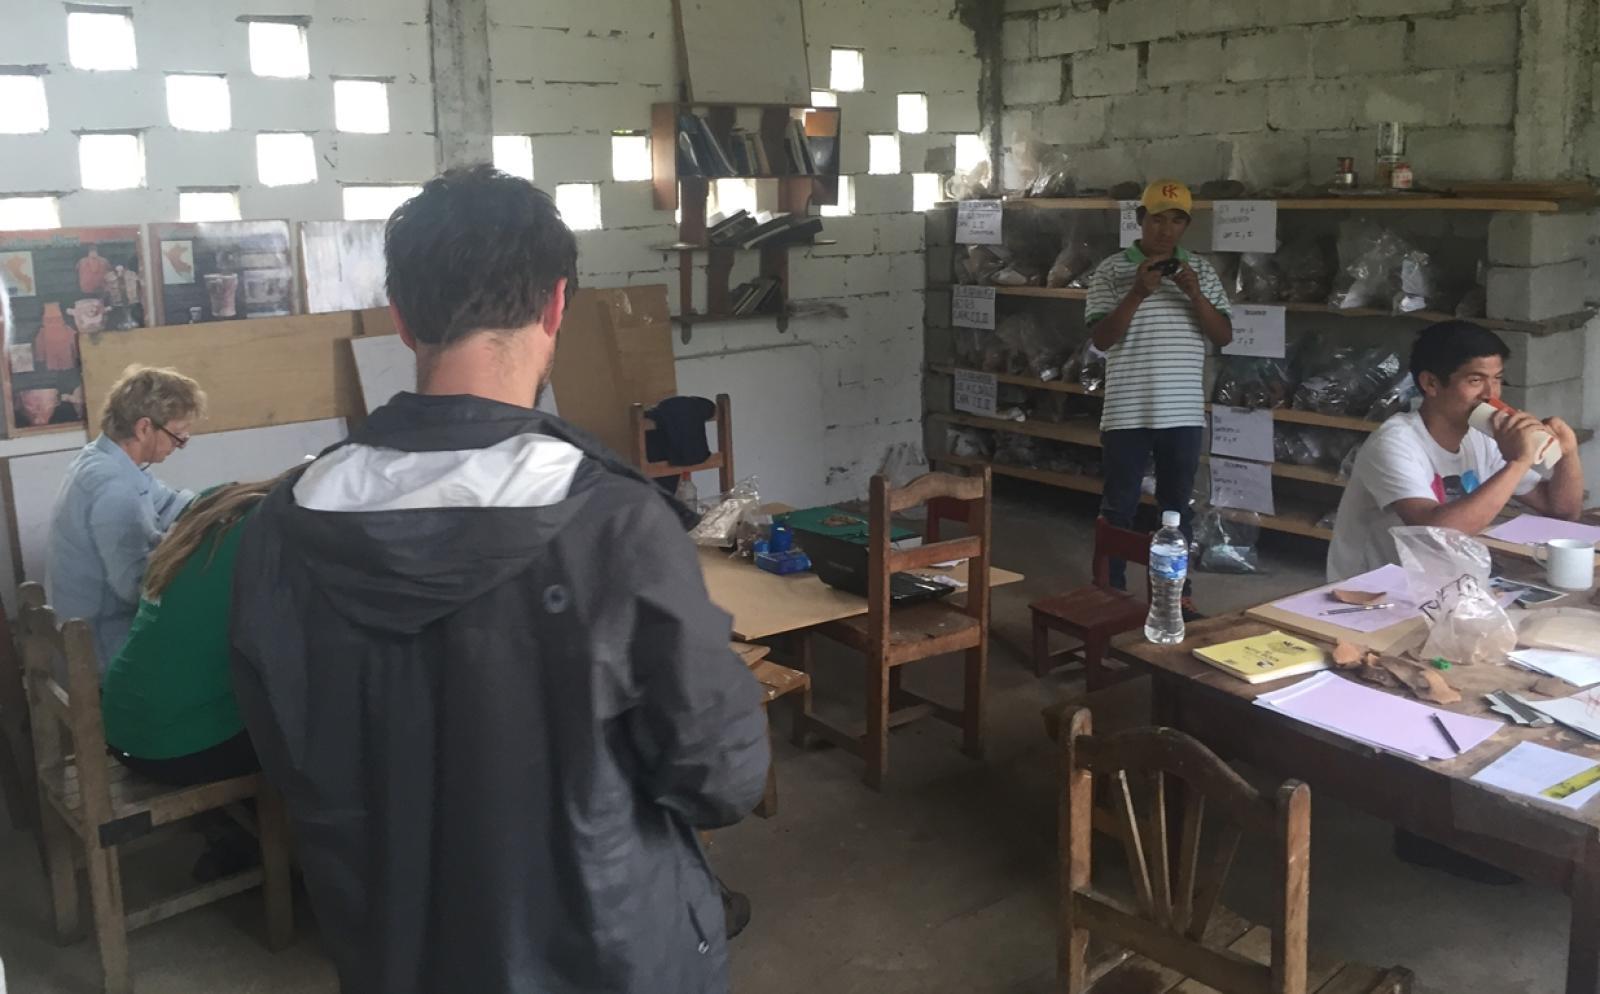 ペルー考古学ボランティア 屋内での登録作業